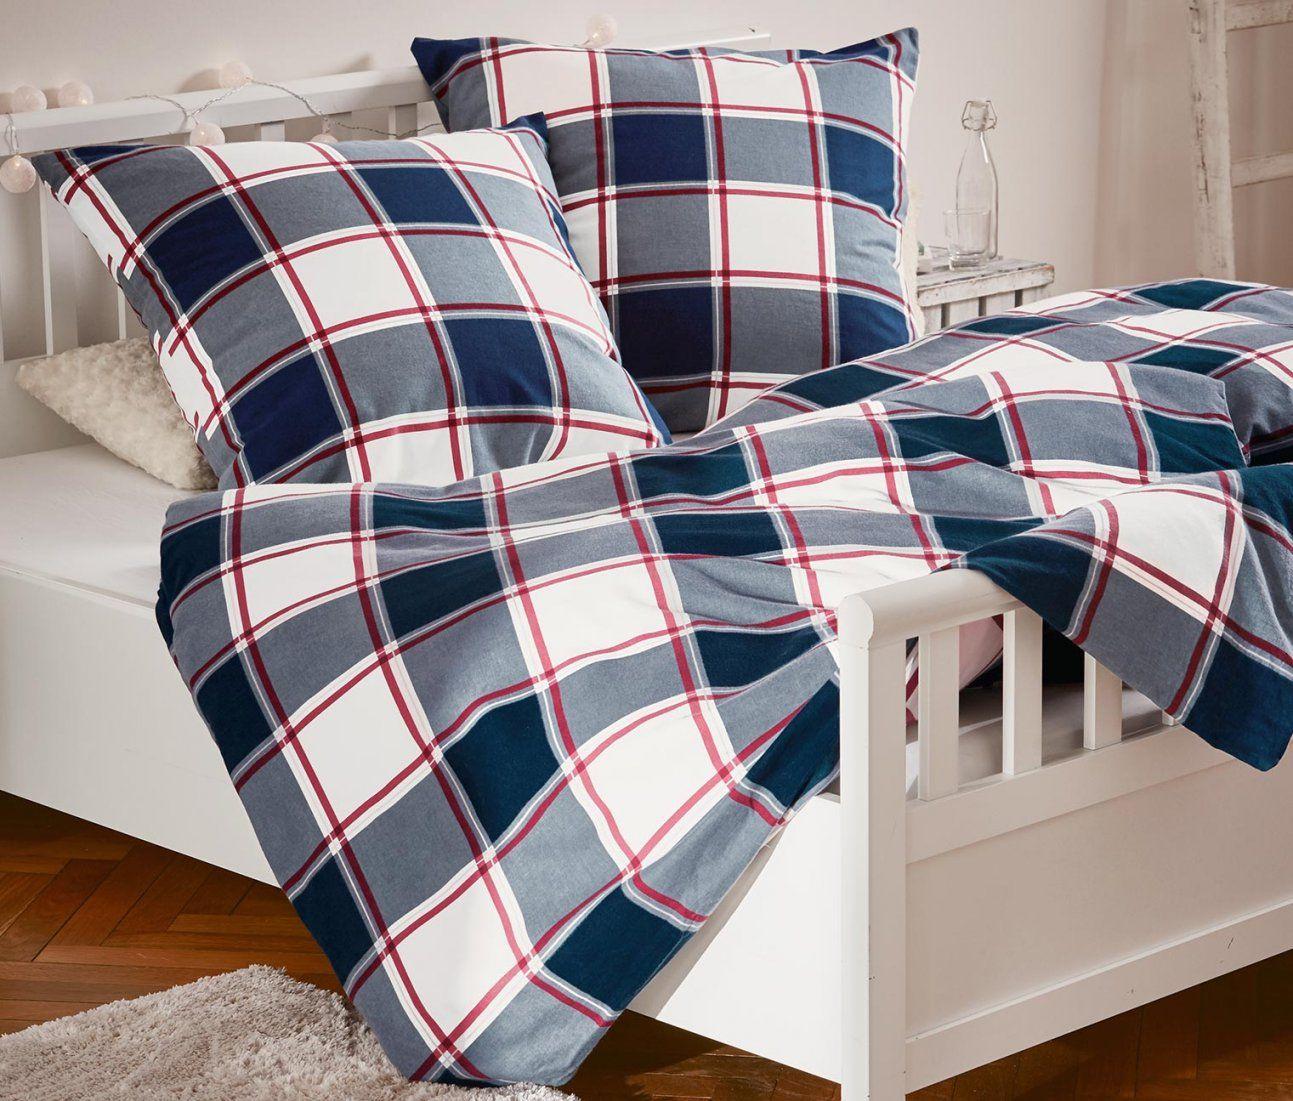 Biberbettwäsche Übergröße Online Bestellen Bei Tchibo 332108 von Biber Bettwäsche Rot Kariert Bild